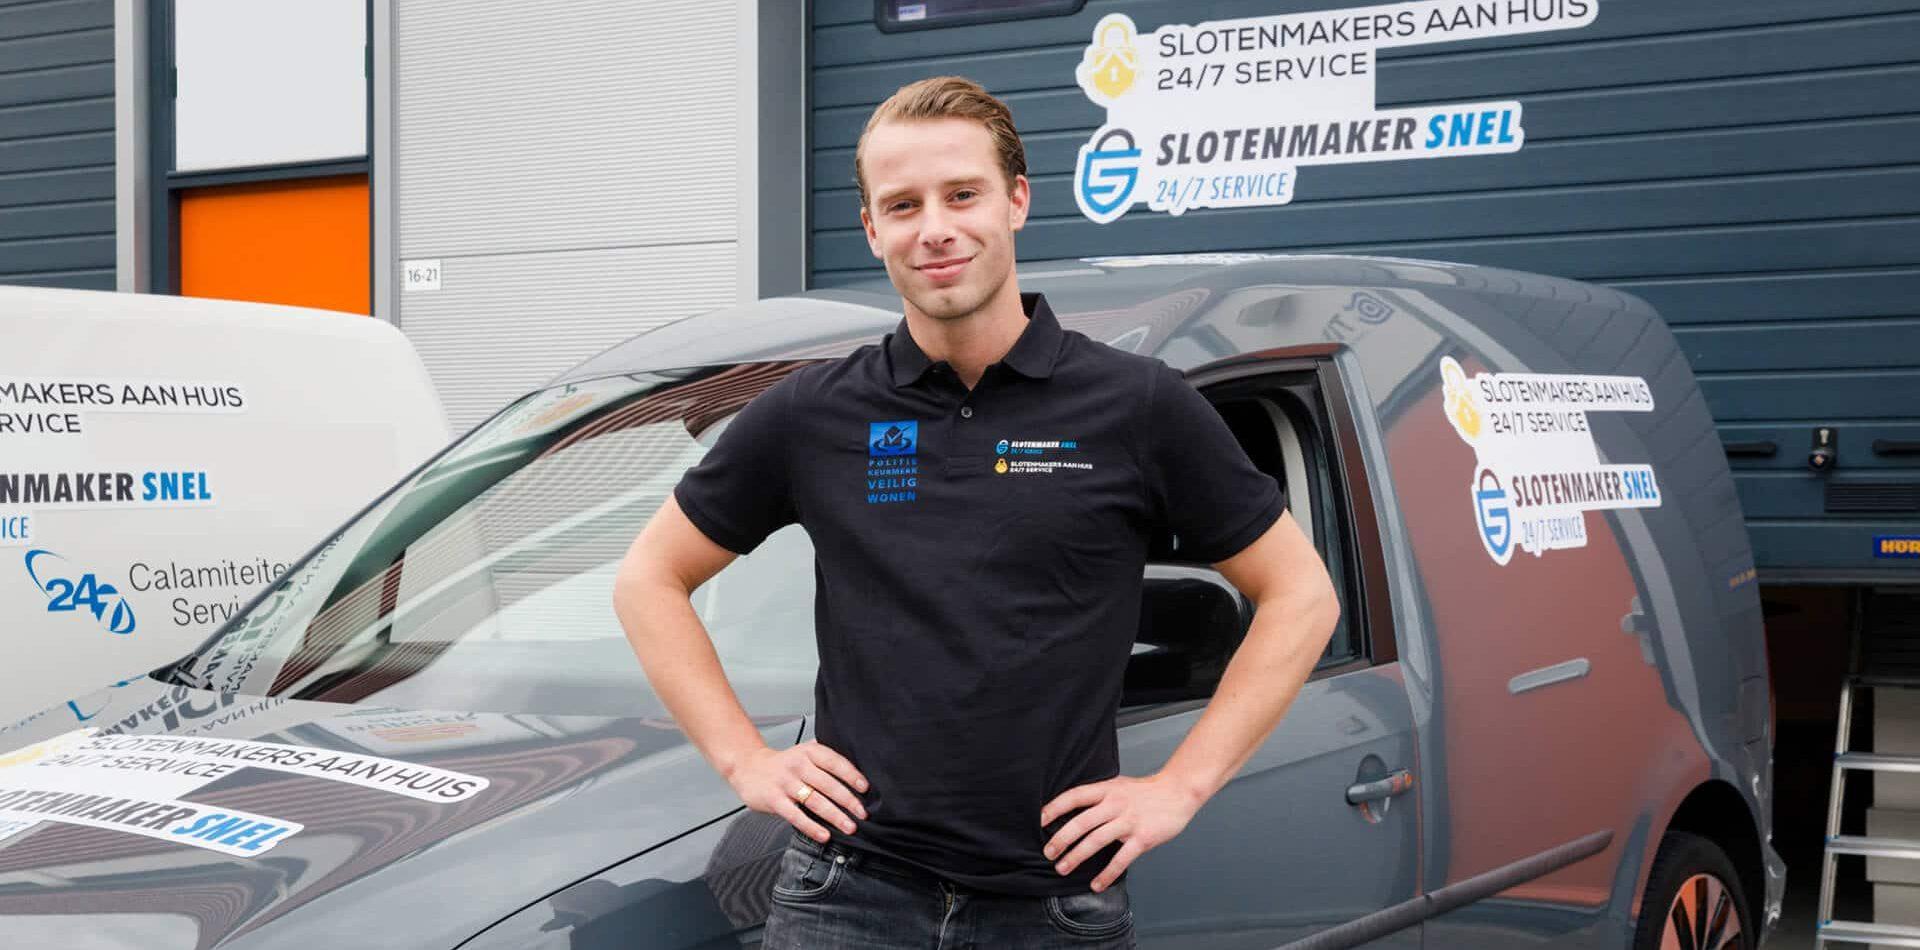 Slotenmaker Soesterberg